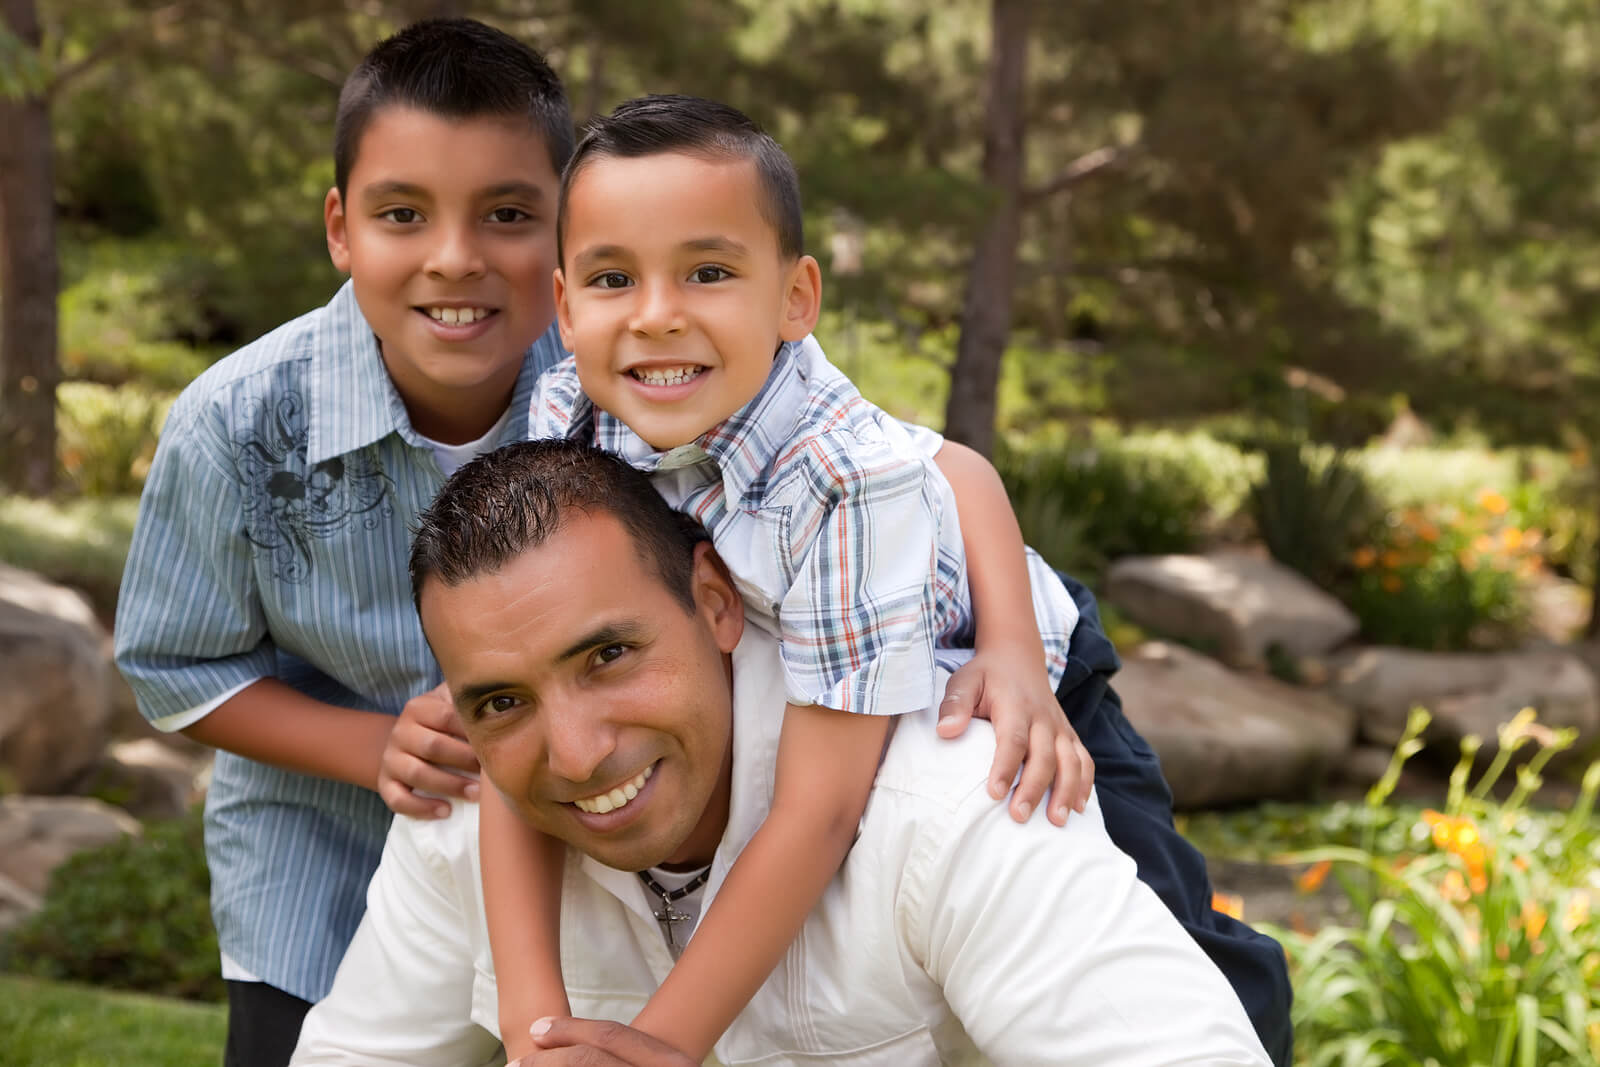 Hijos abrazando a su padre en medio de la naturaleza debido a la importancia del contacto físico en la educación de los hijos.